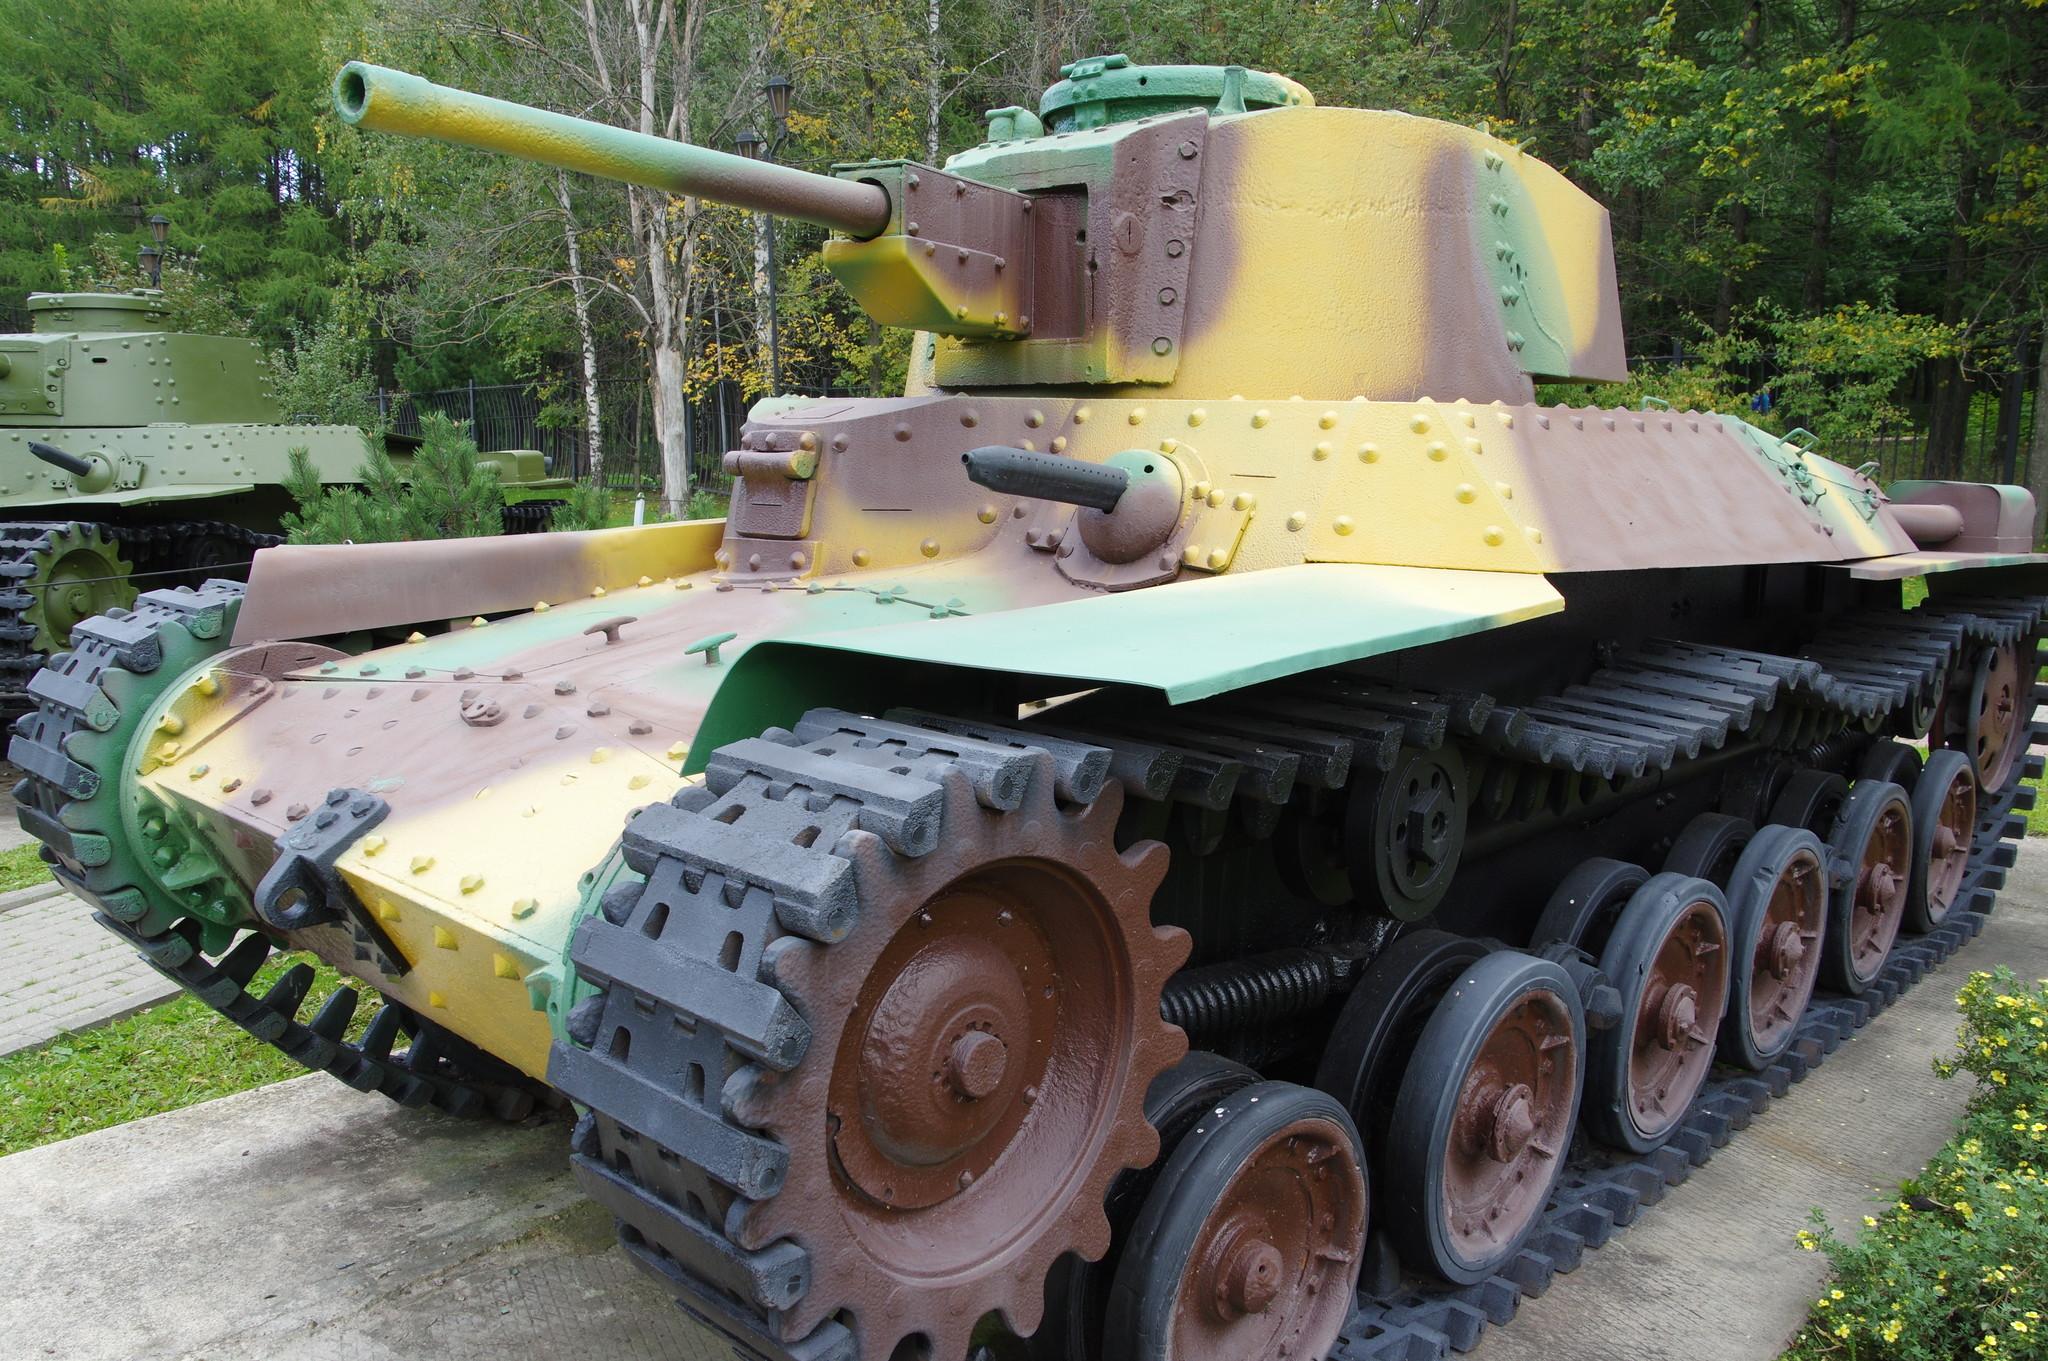 Японский средний танк «Тип 97 модификация «Шинхото» «Чи-Ха» (макет) в экспозиции Музея Победы